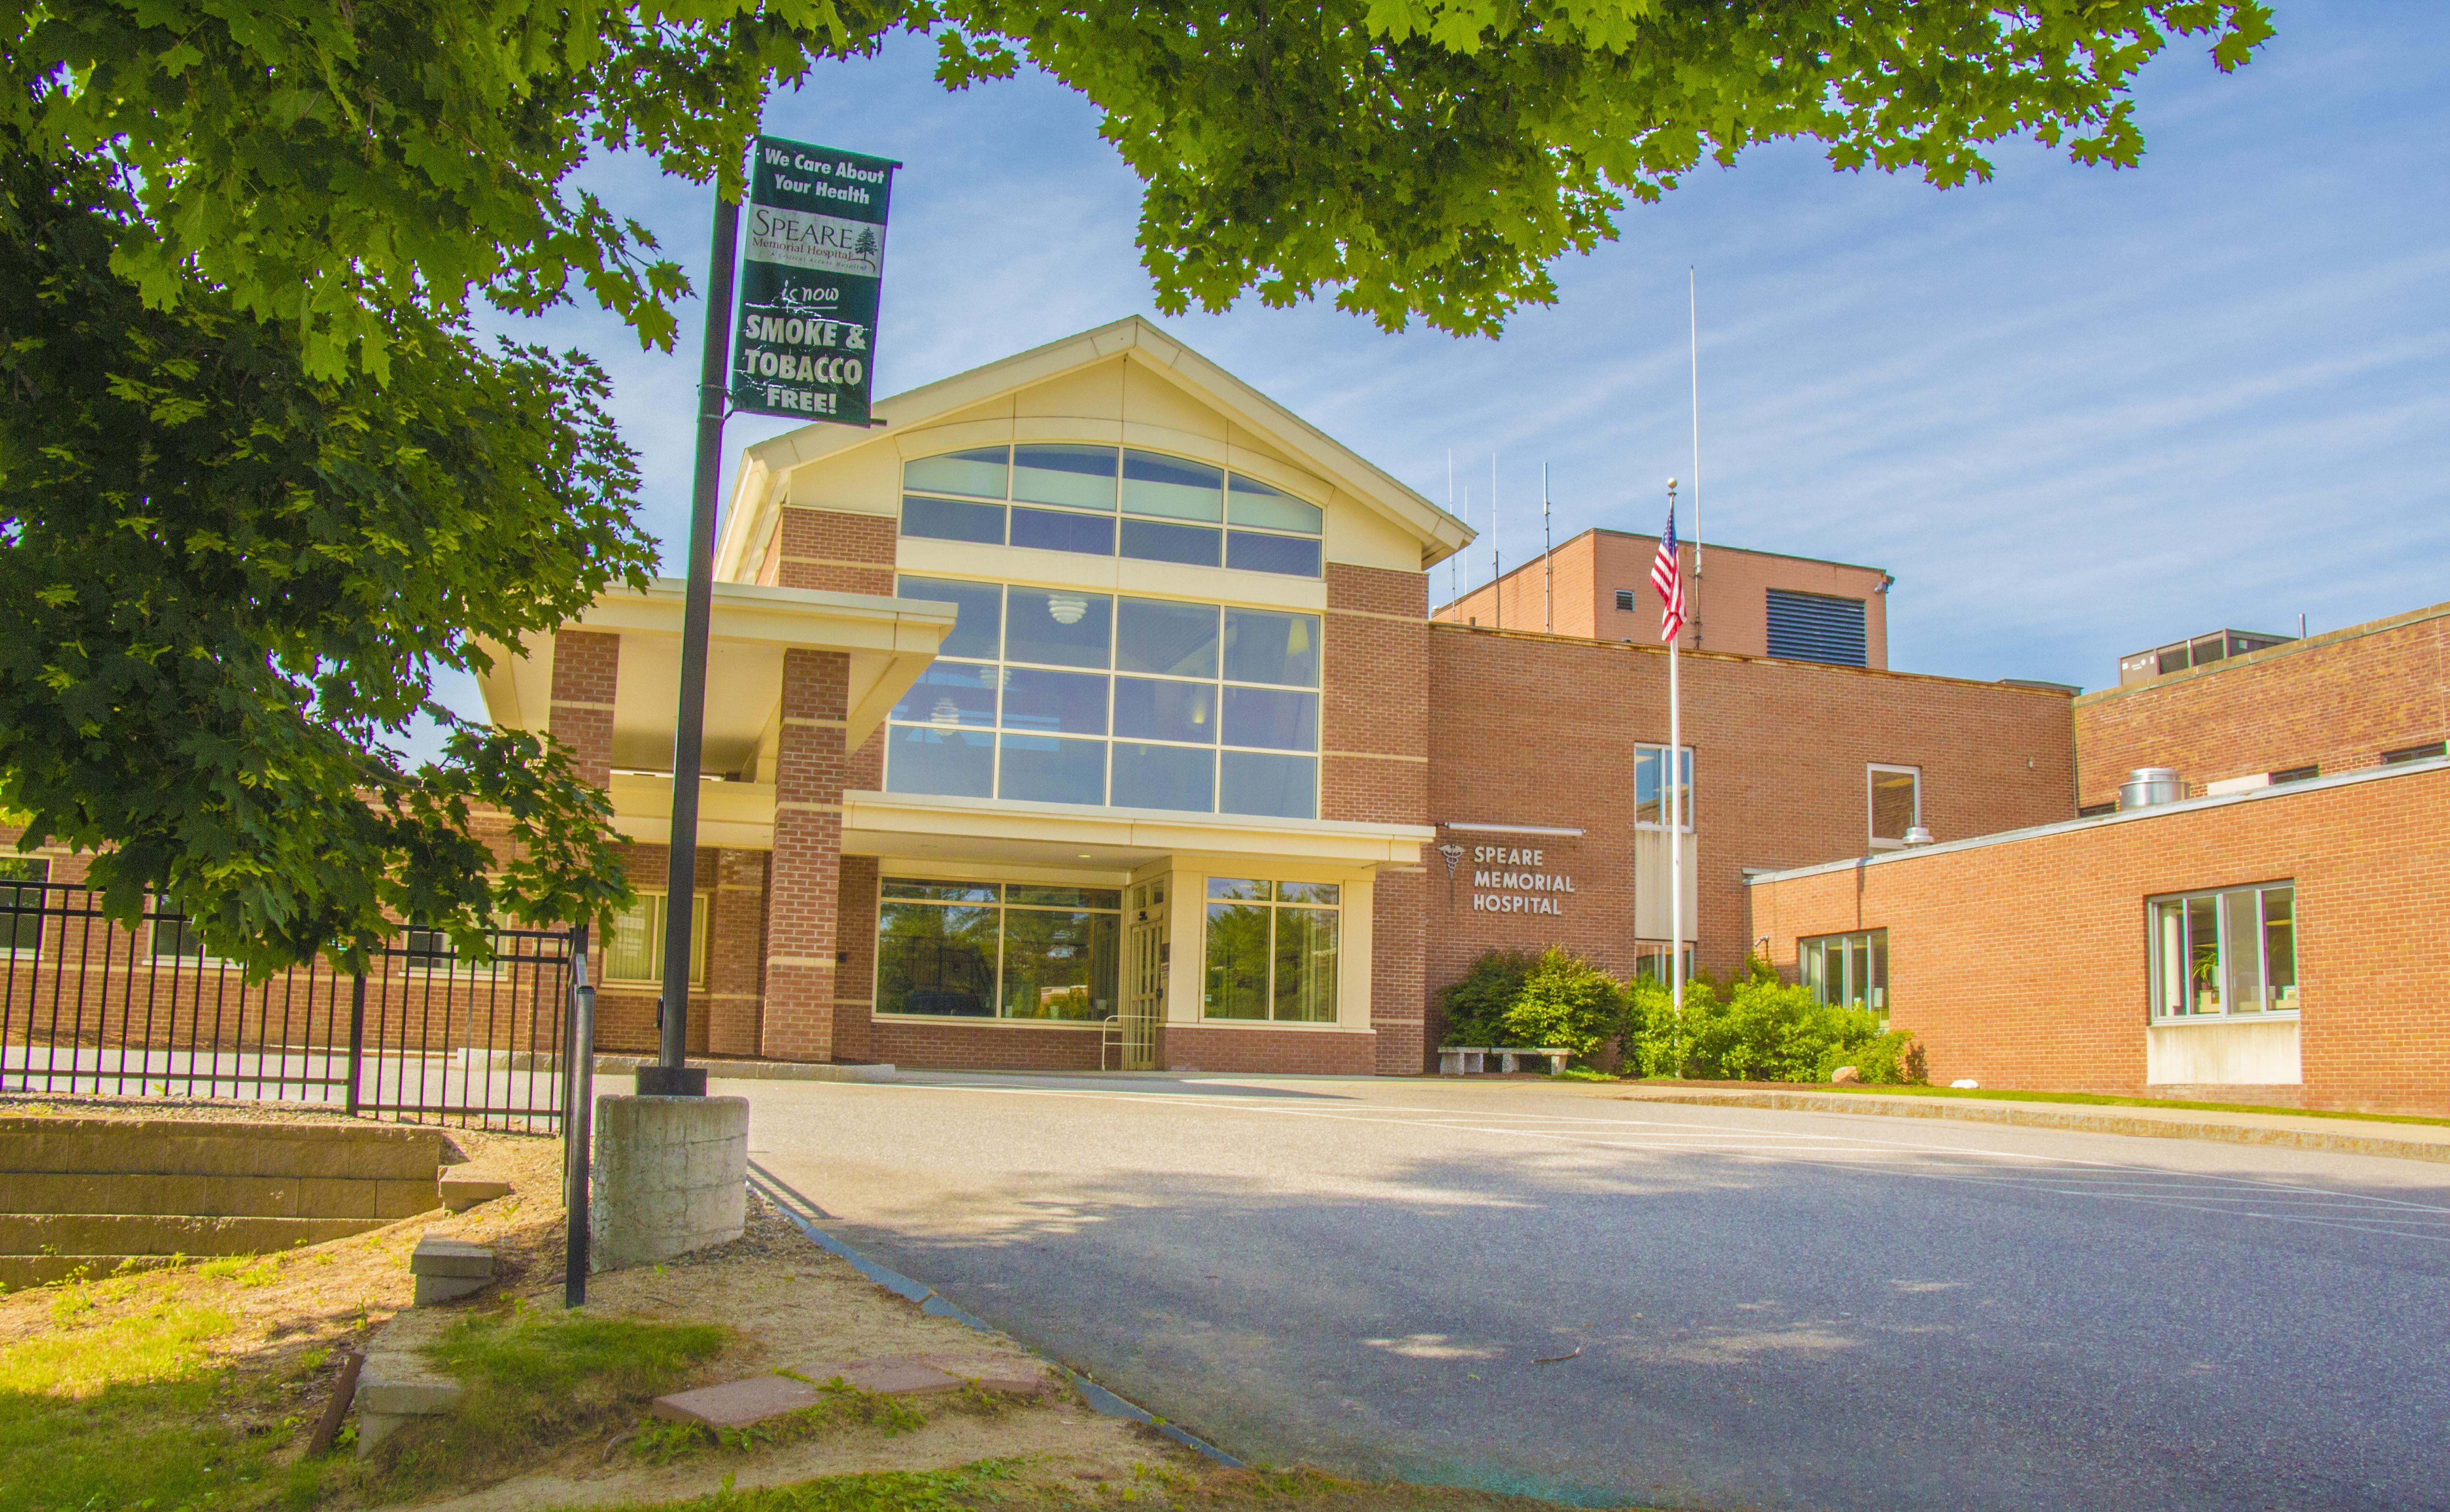 Speare Memorial Hospital exterior